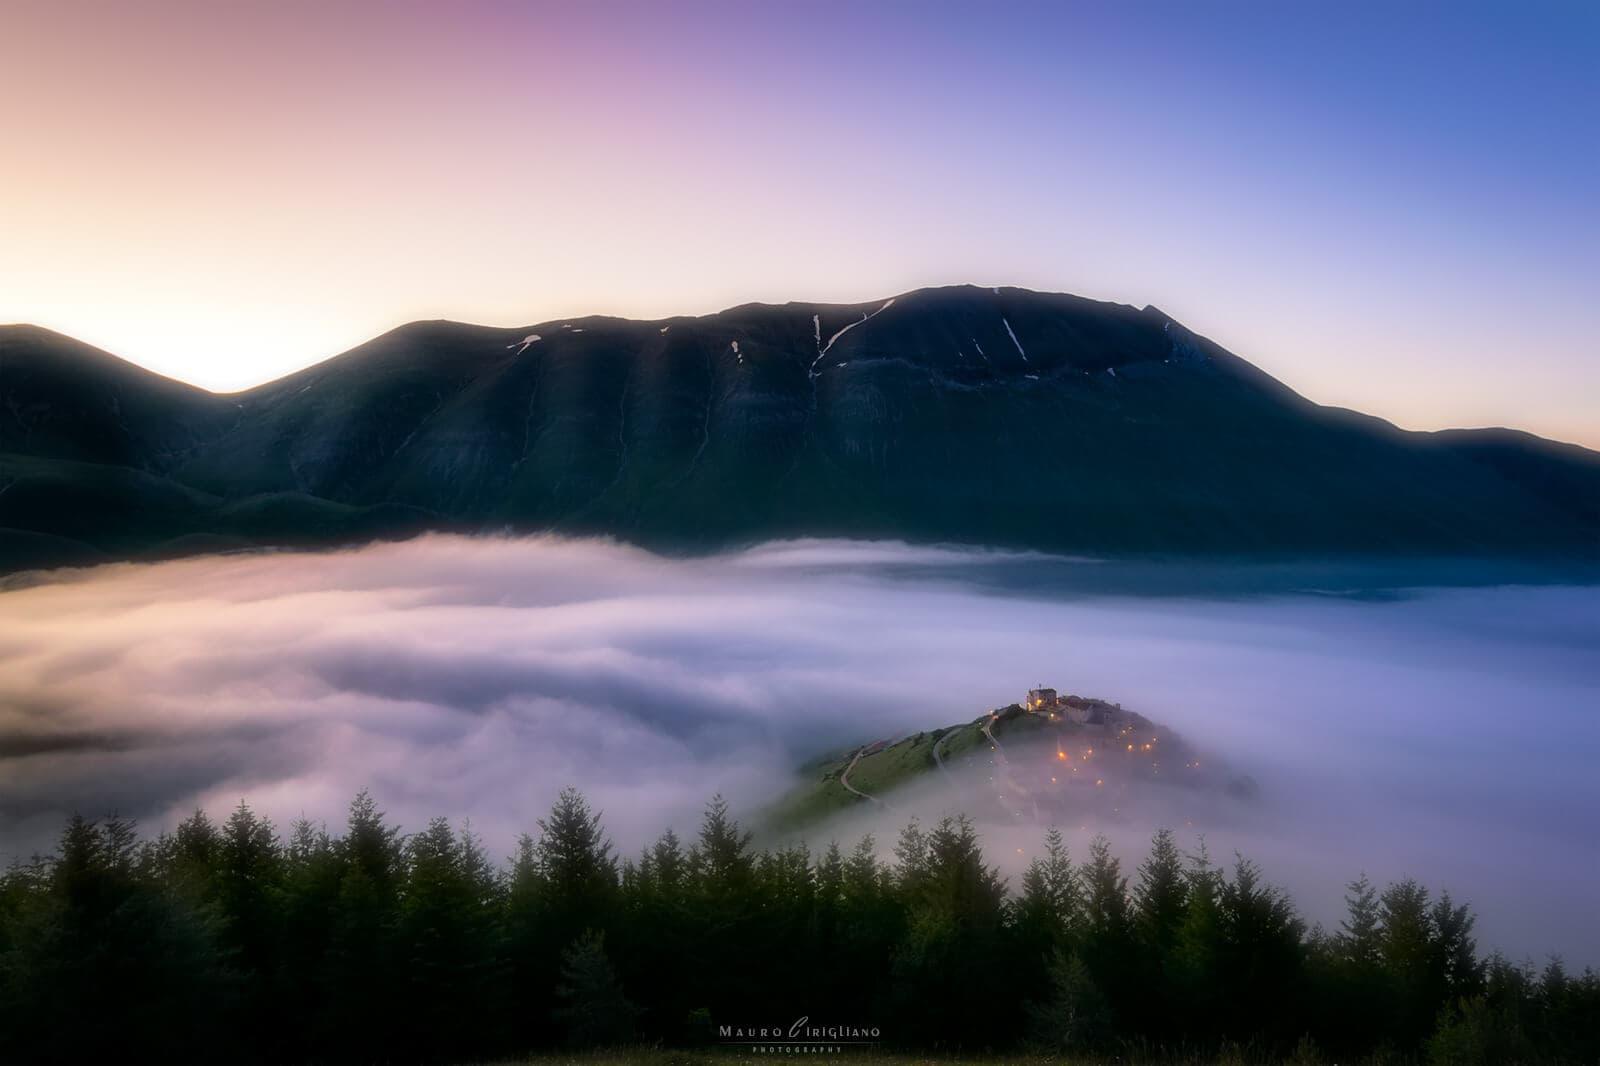 vallata colma di nebbia che circonda paesino